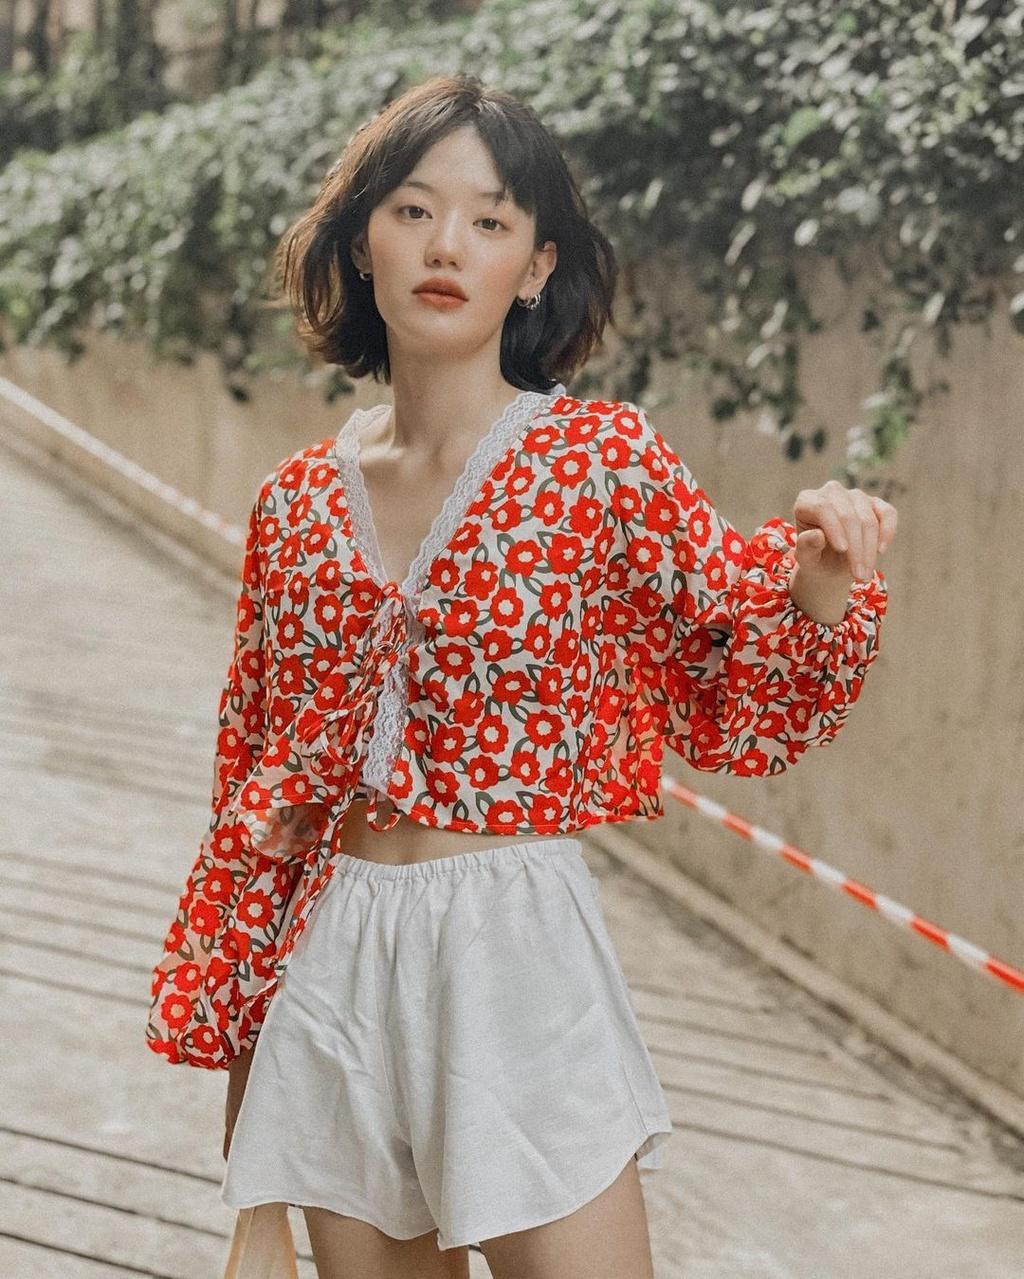 Hot girl Thái Lan có gu ăn mặc nổi tiếng trên mạng - ảnh 2